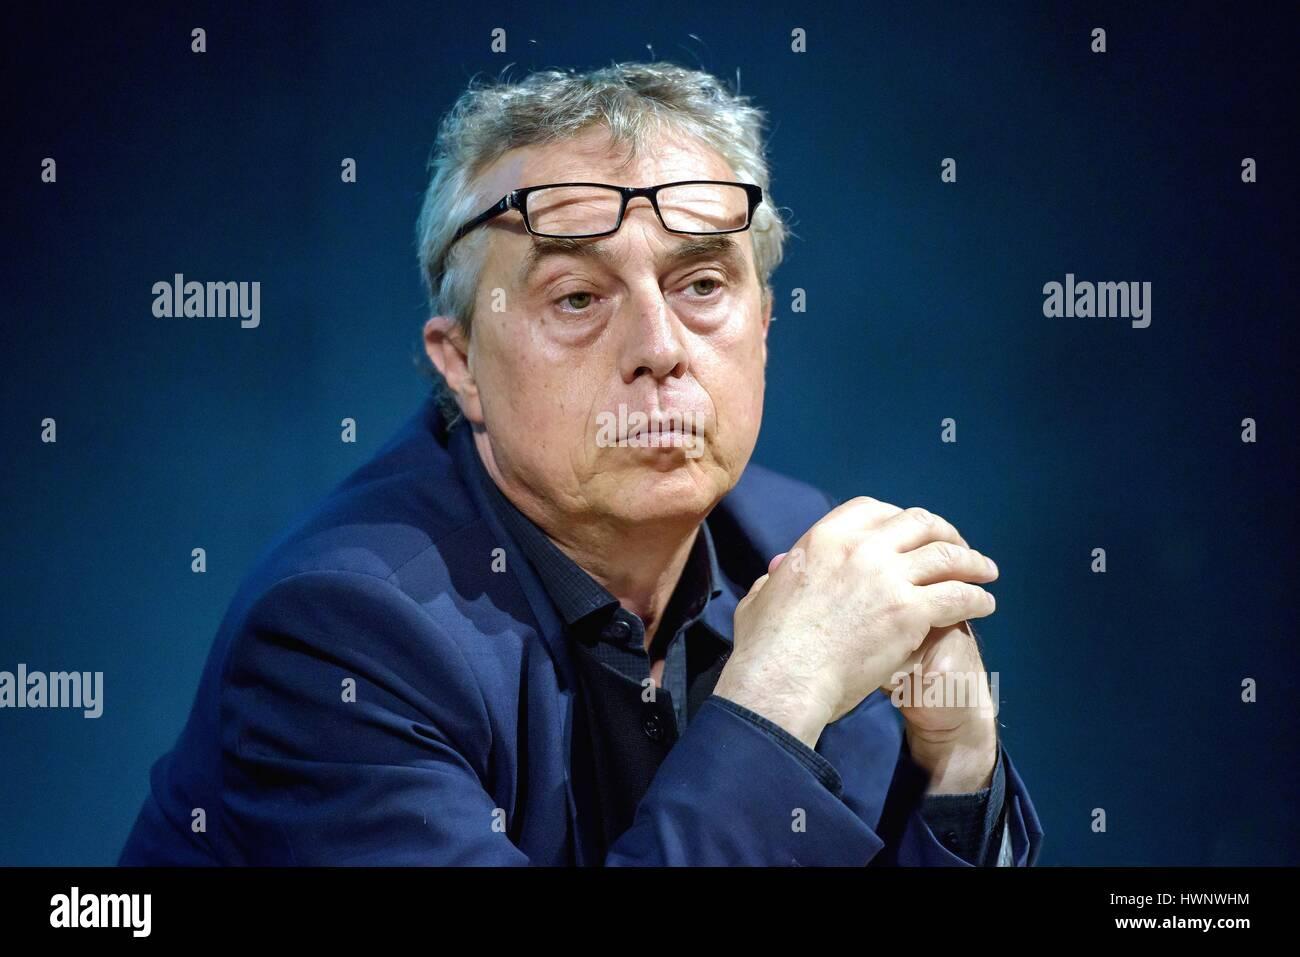 Architetto Stefano Boeri, progettista del grattacielo Bosco Verticale a Milano in occasione del Salone Internazionale Immagini Stock